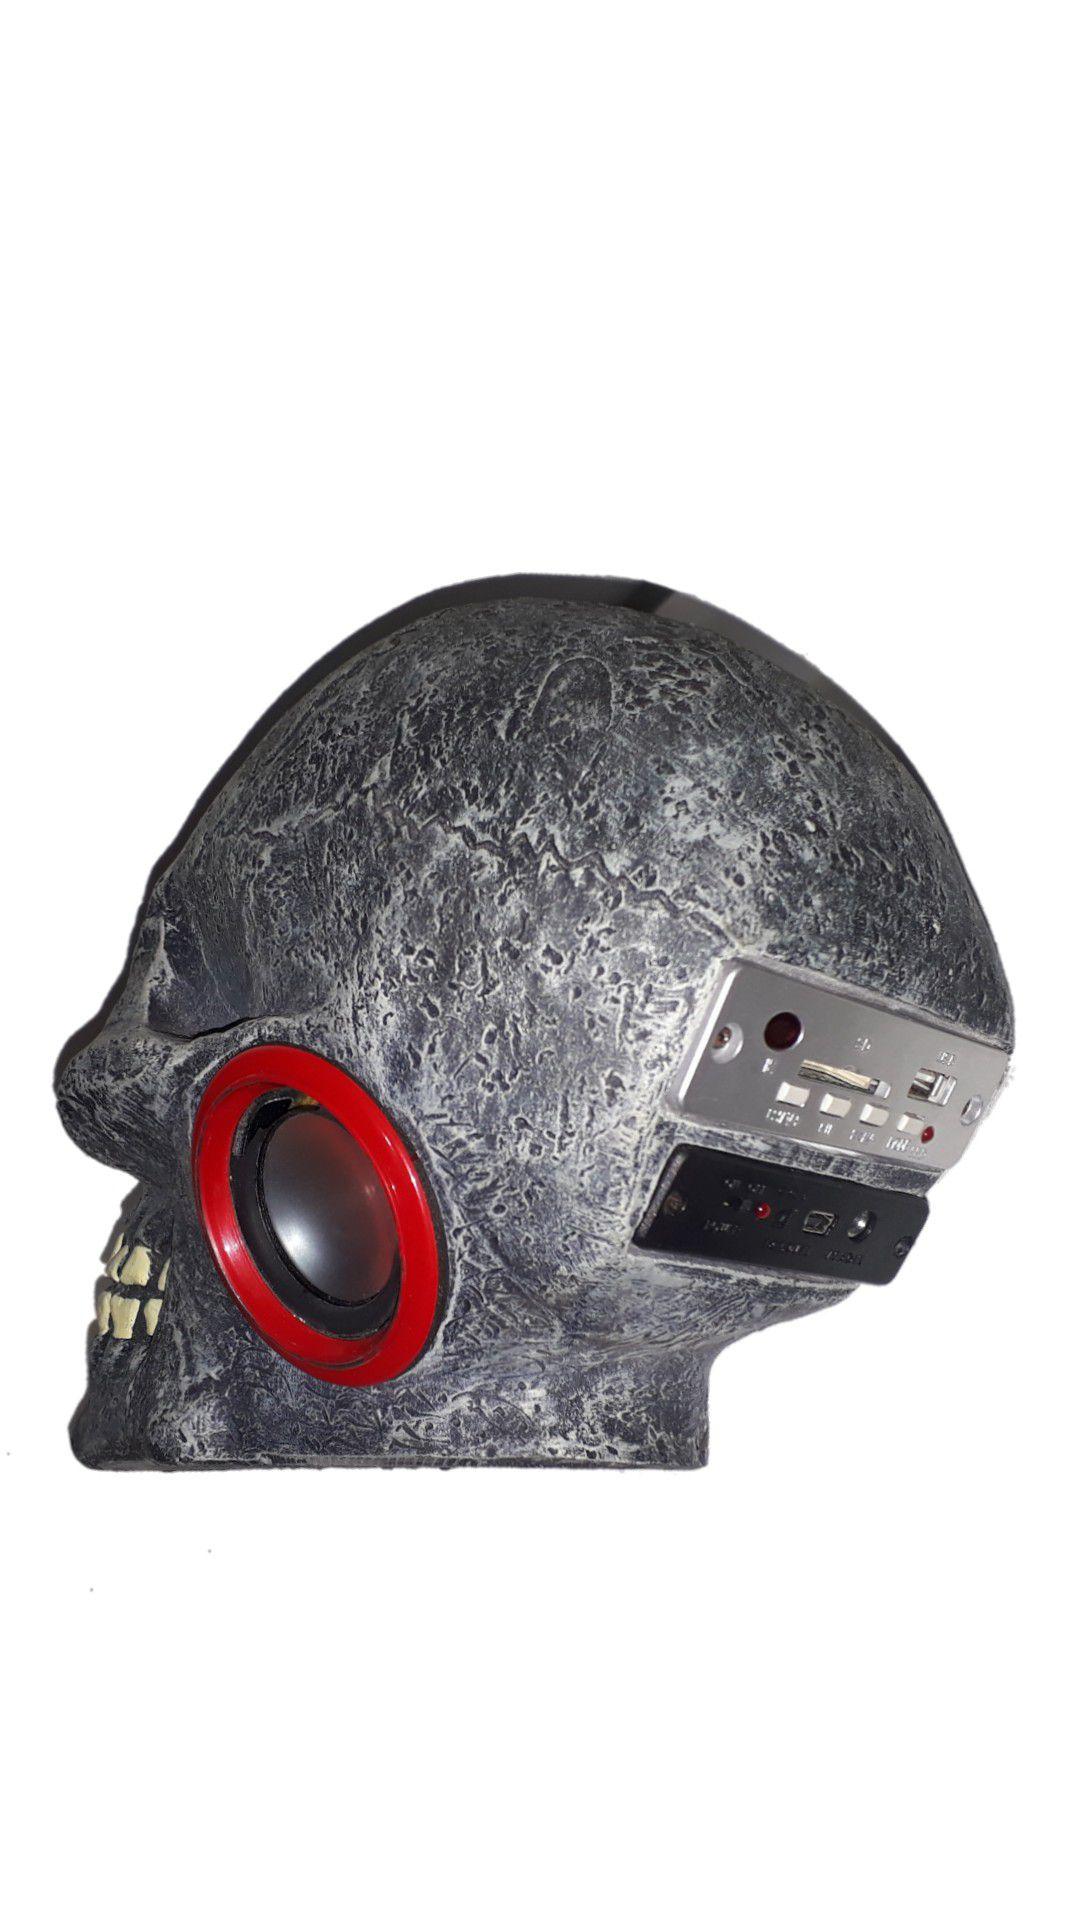 CAIXA AMPLIFICADA XCELL  XCDJ16BT CAVEIRA CRÂNIO Bluetooth USB / SD / Fm, C/ BATERIA PRETA